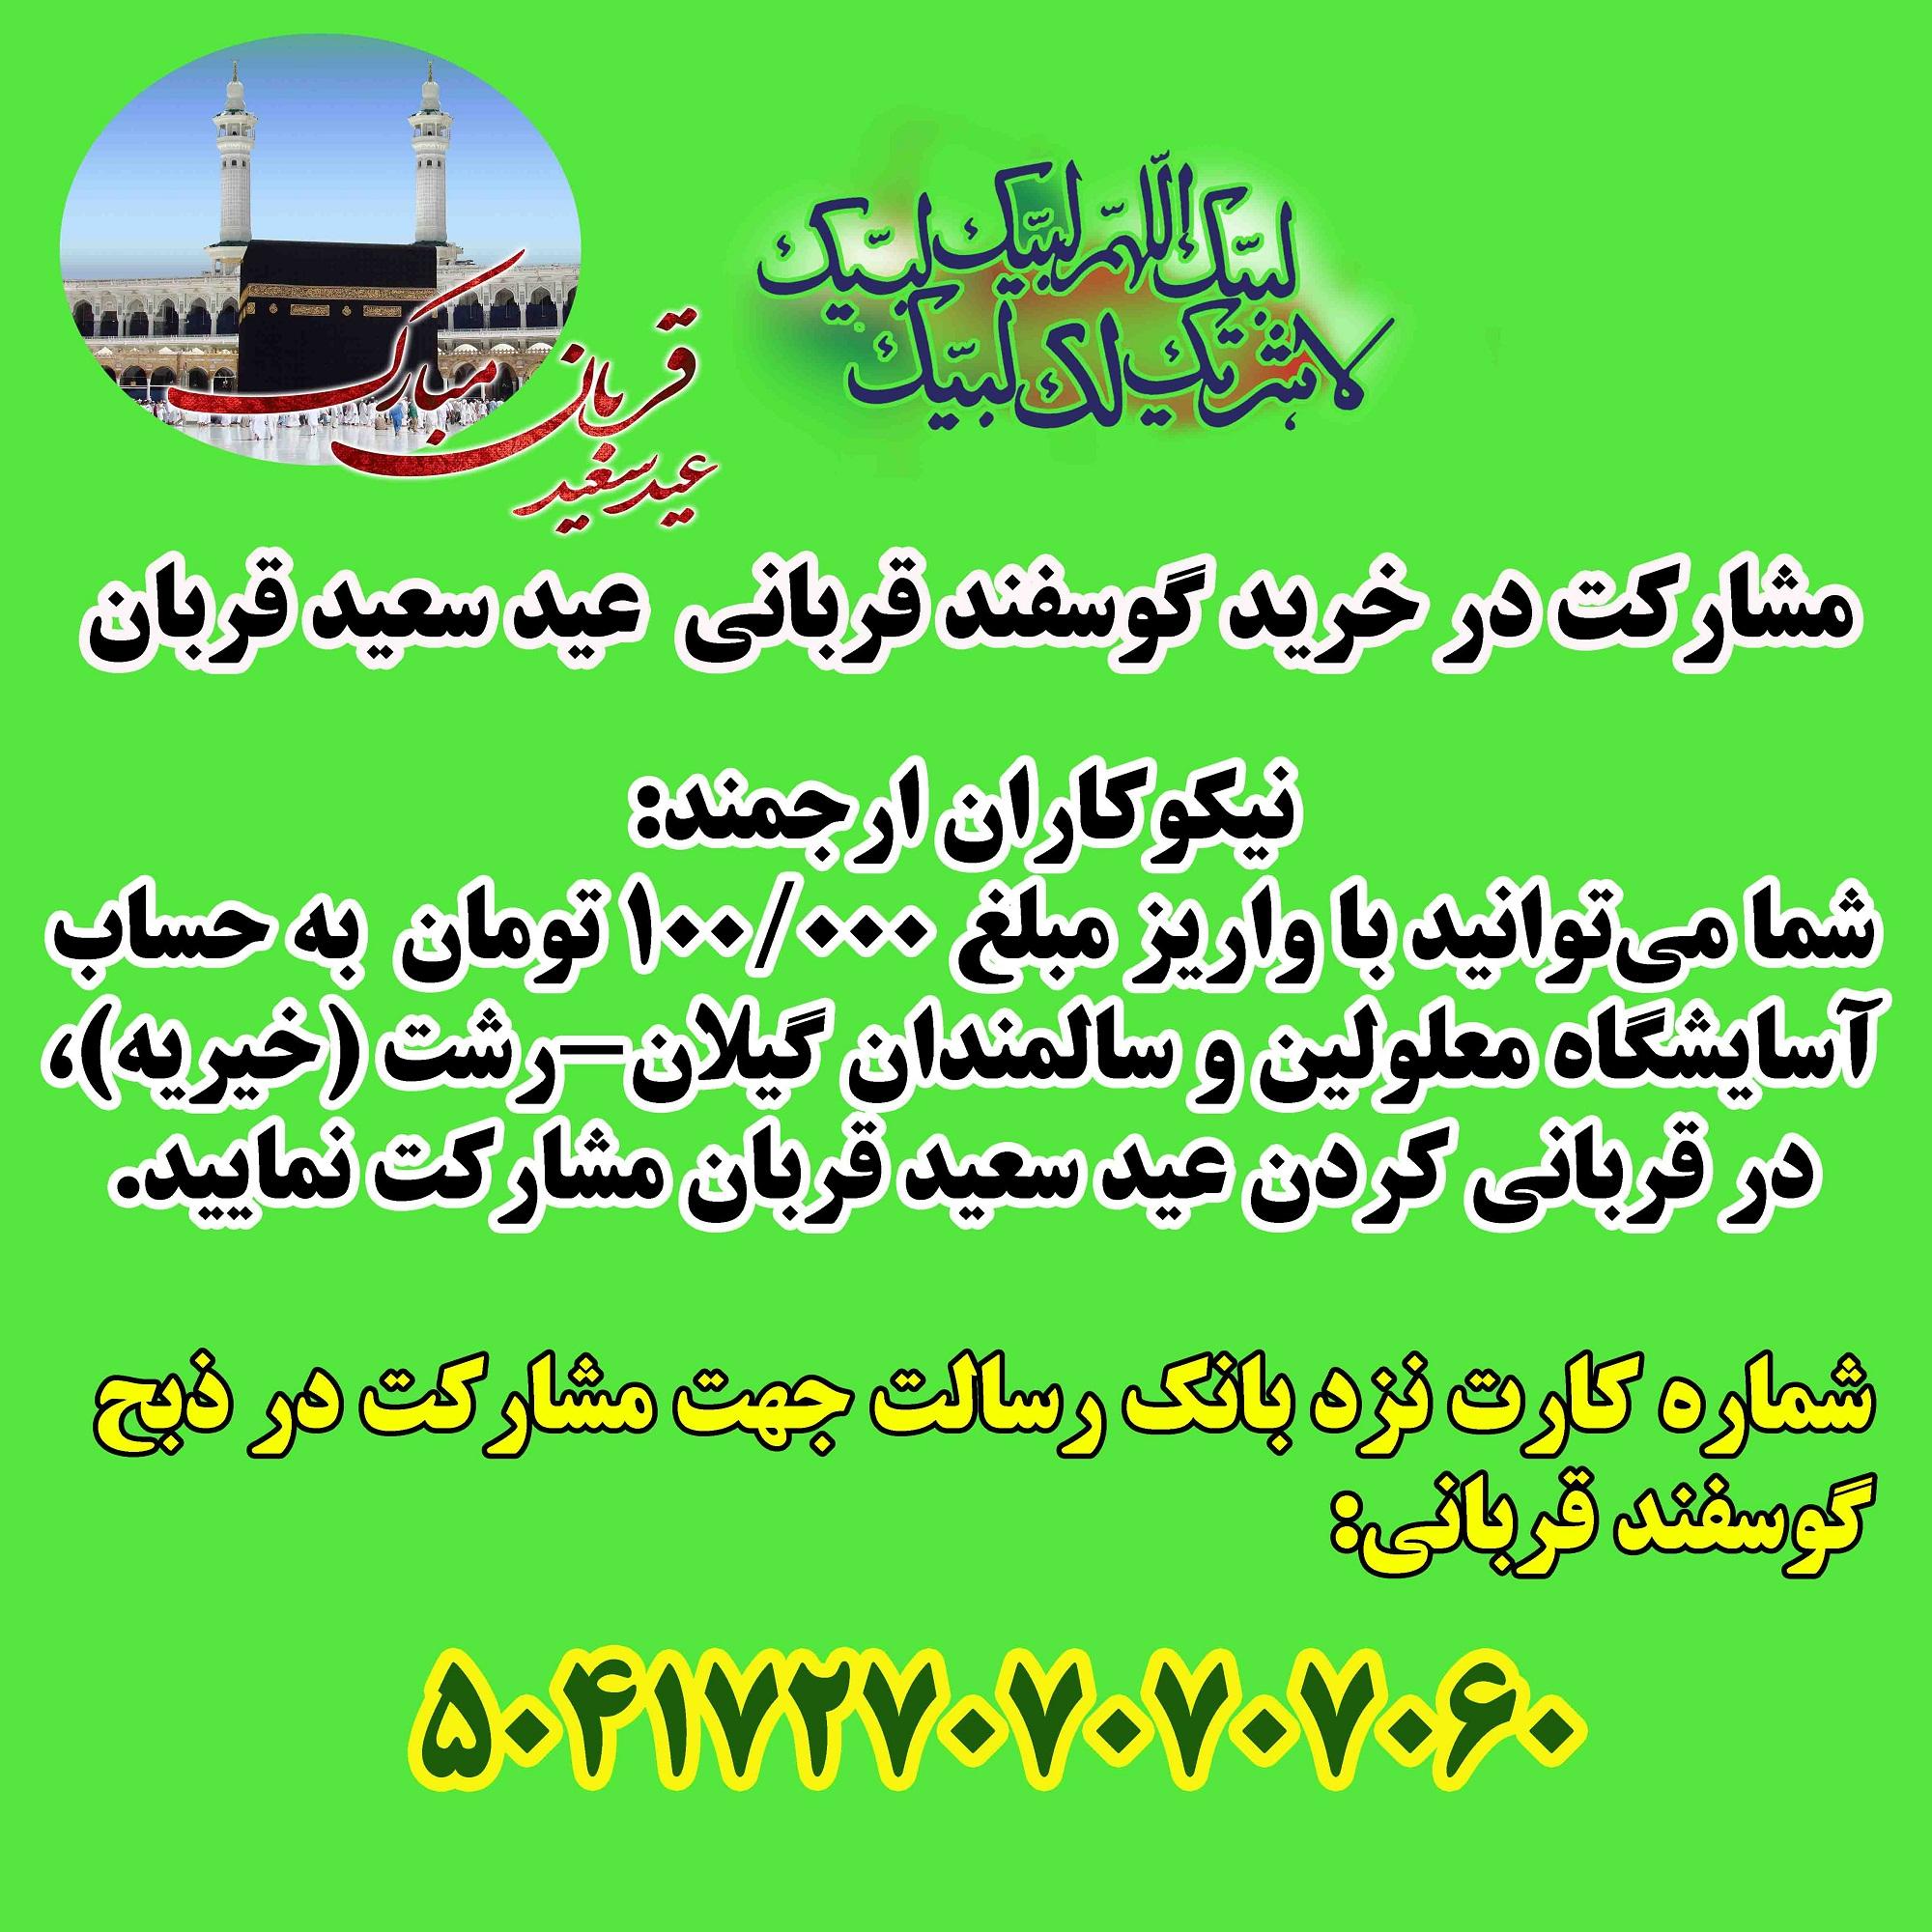 مشارکت در خرید گوسفند جهت ذبح در عید سعید قربان